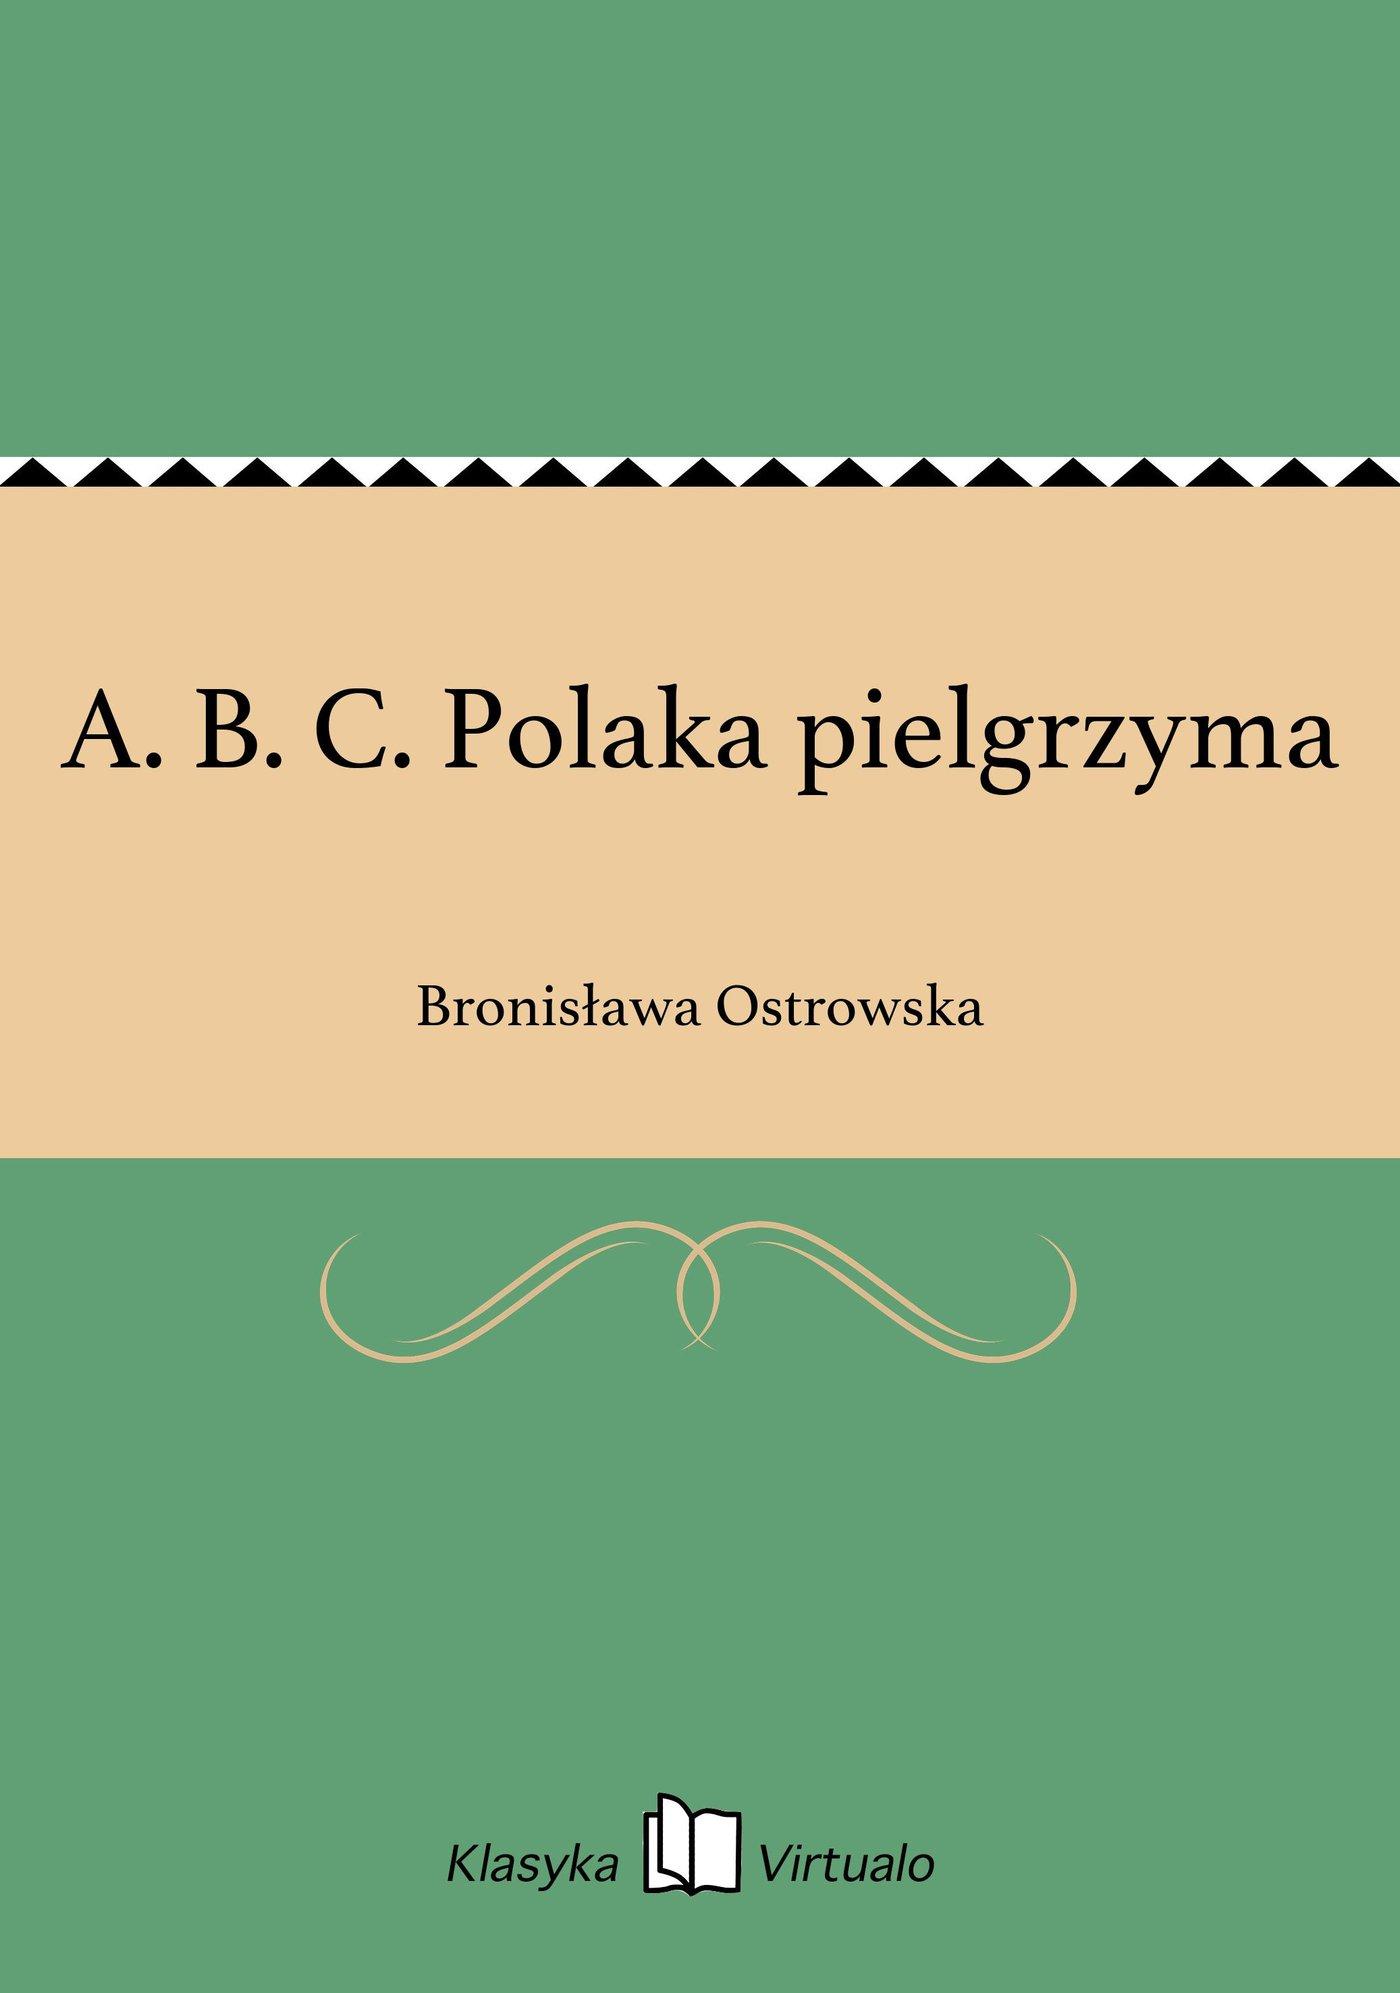 A. B. C. Polaka pielgrzyma - Ebook (Książka EPUB) do pobrania w formacie EPUB